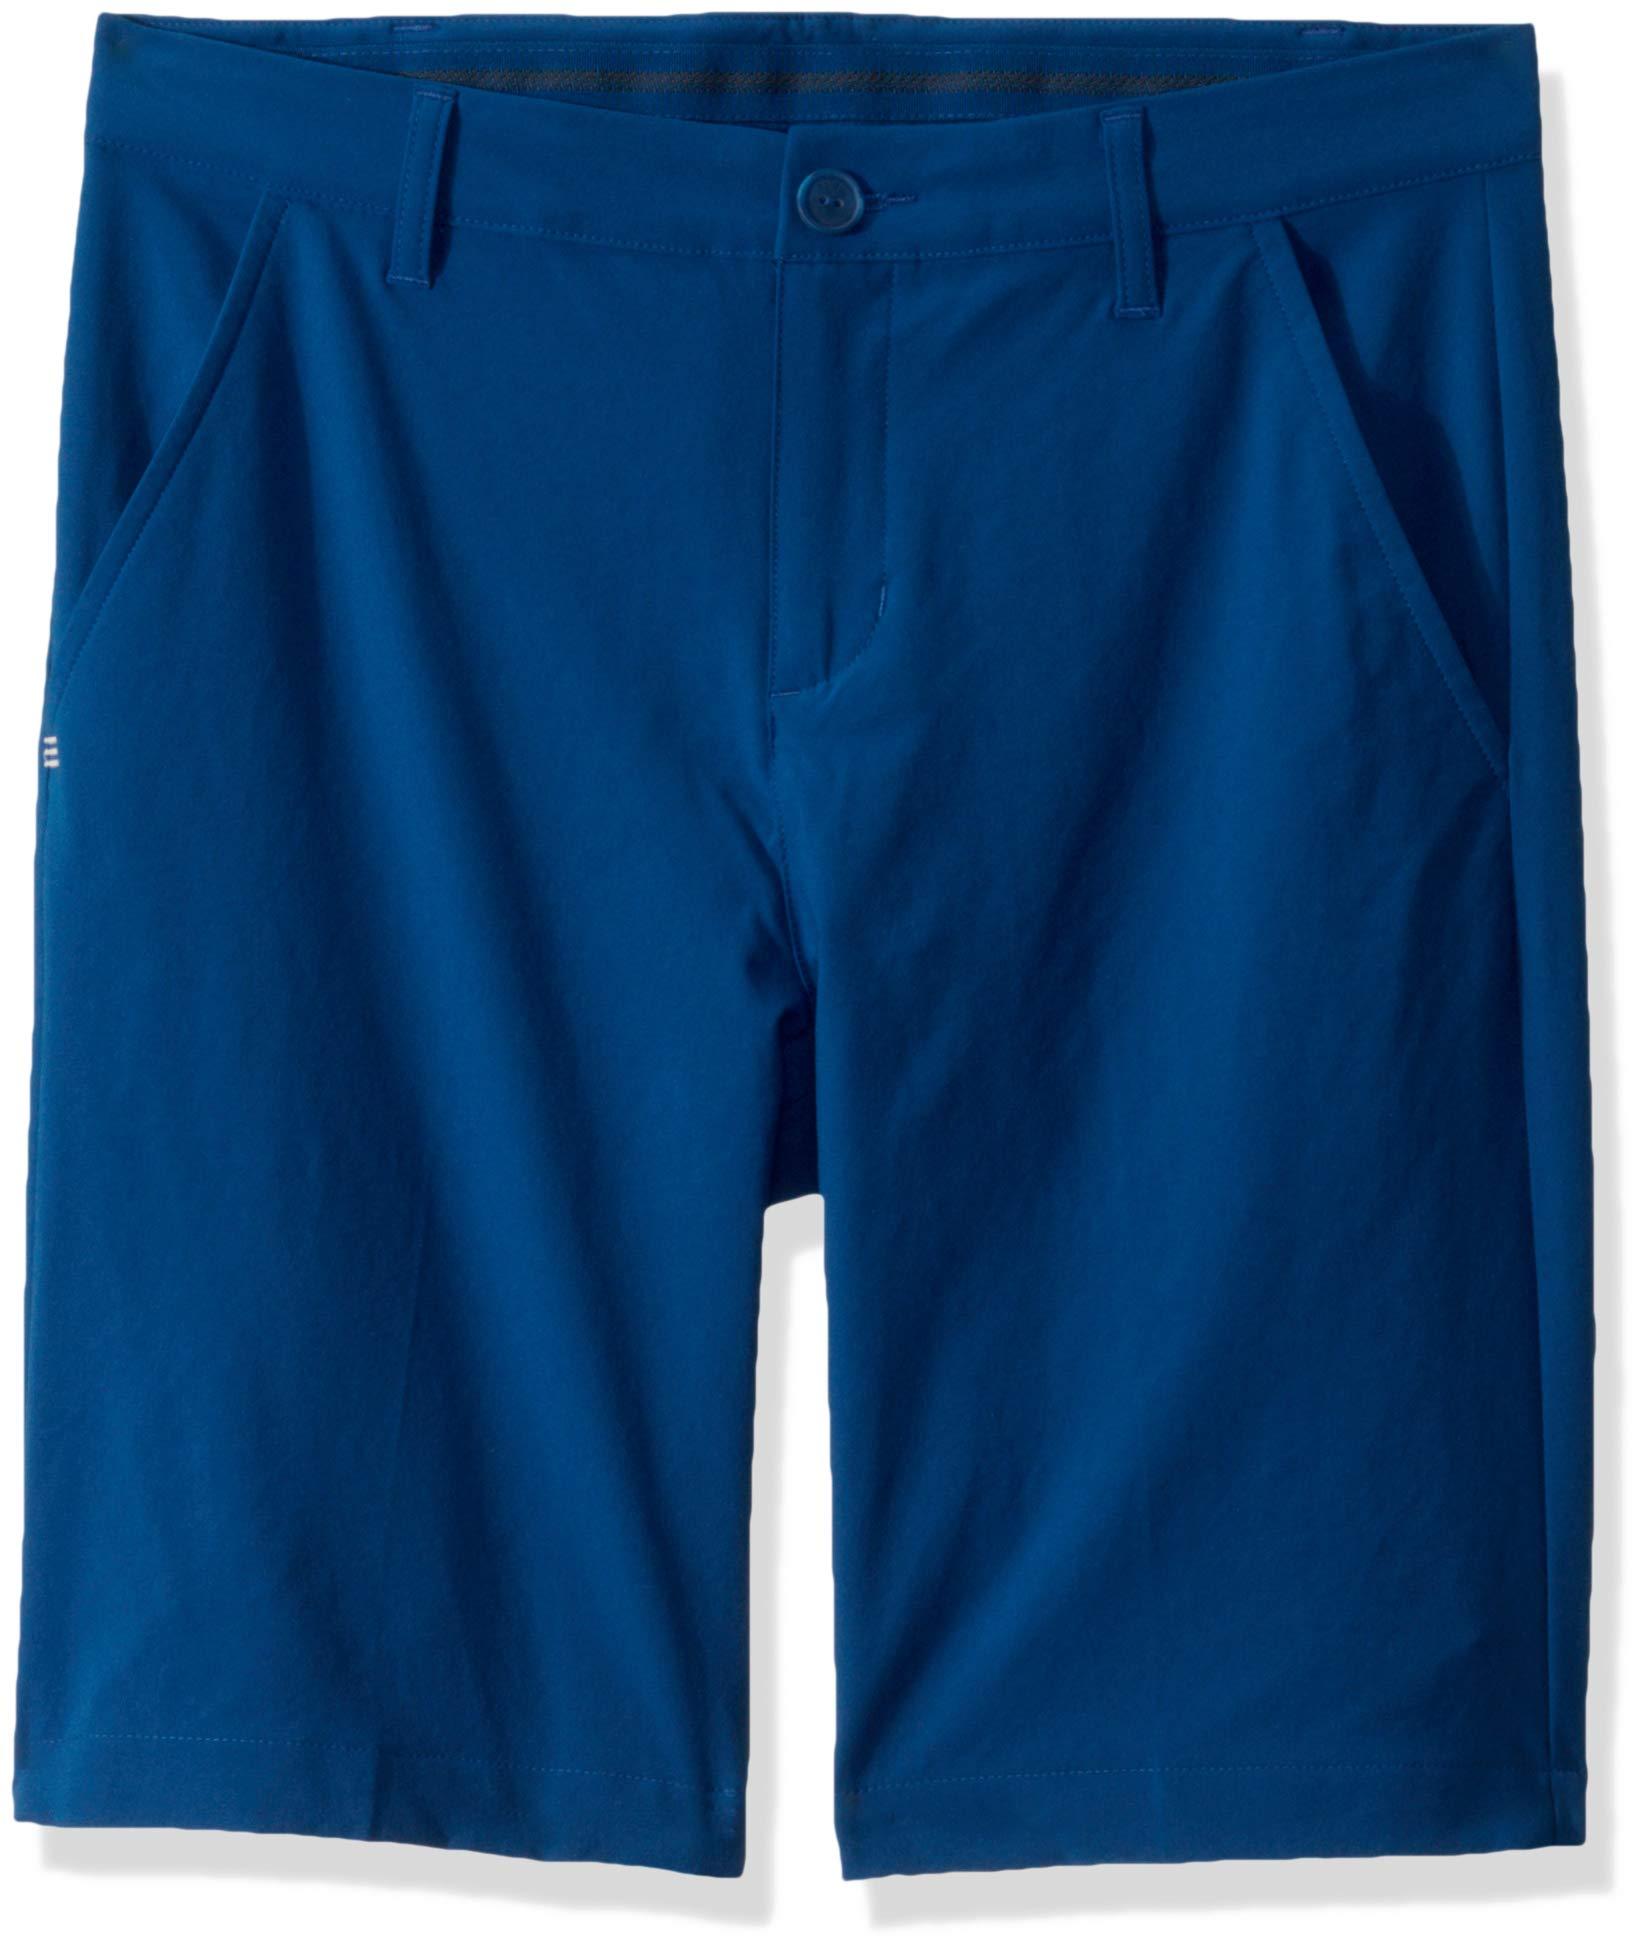 adidas Golf Solid Golf Short, Dark Marine, Small by adidas